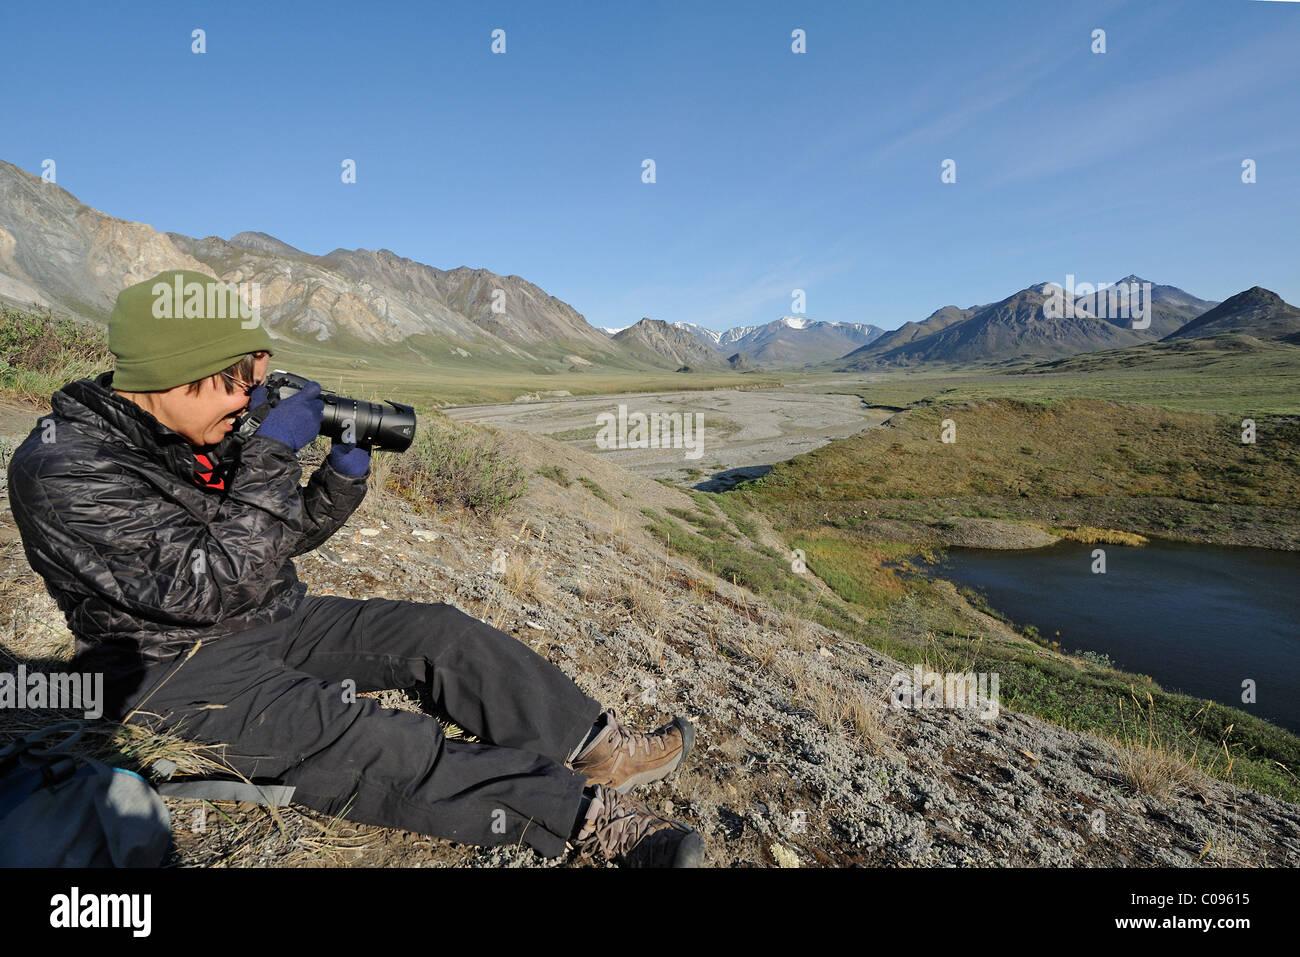 Mujer fotografías el Hulahula río cerca de su fuente en la sierra Brooks en ANWR, Alaska, verano ártico Imagen De Stock